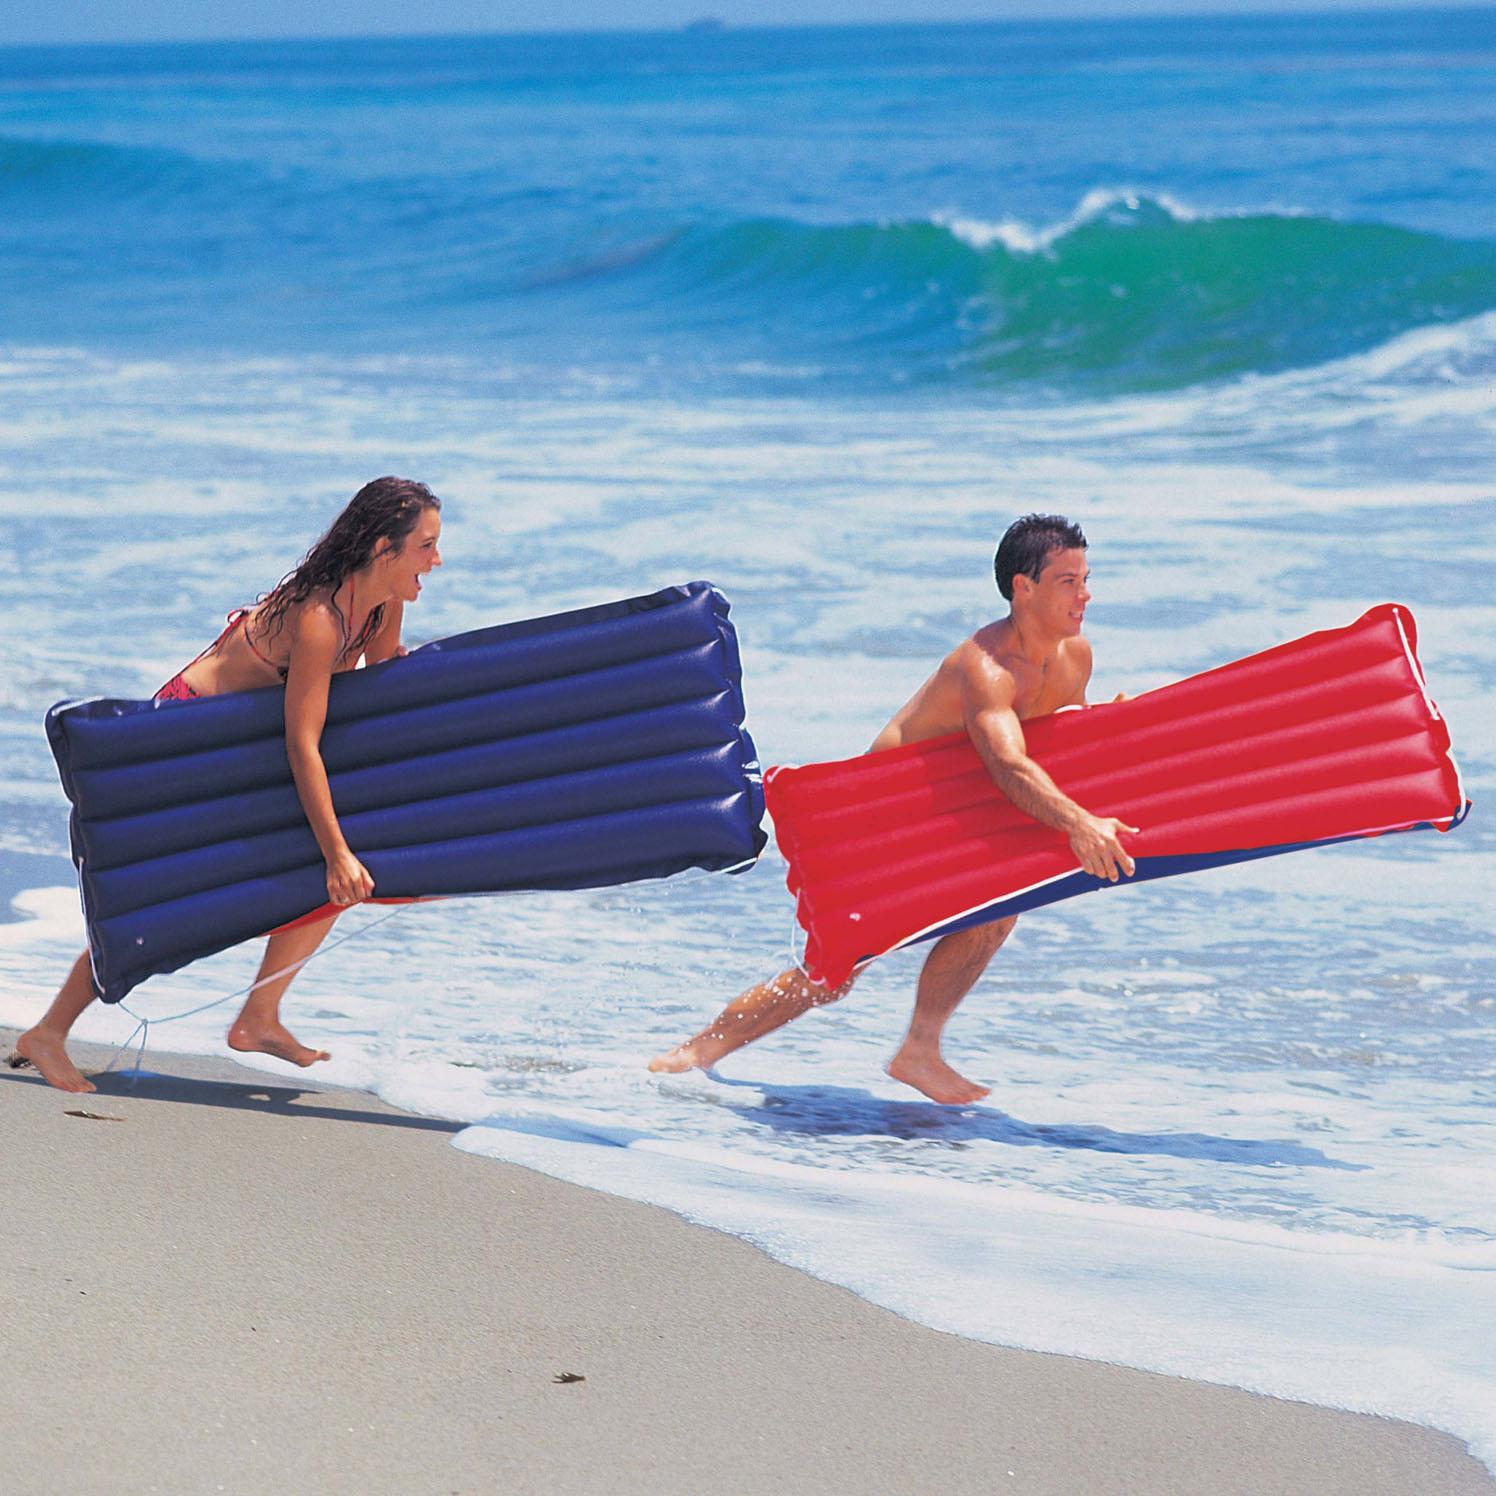 пляжный надувной матрас